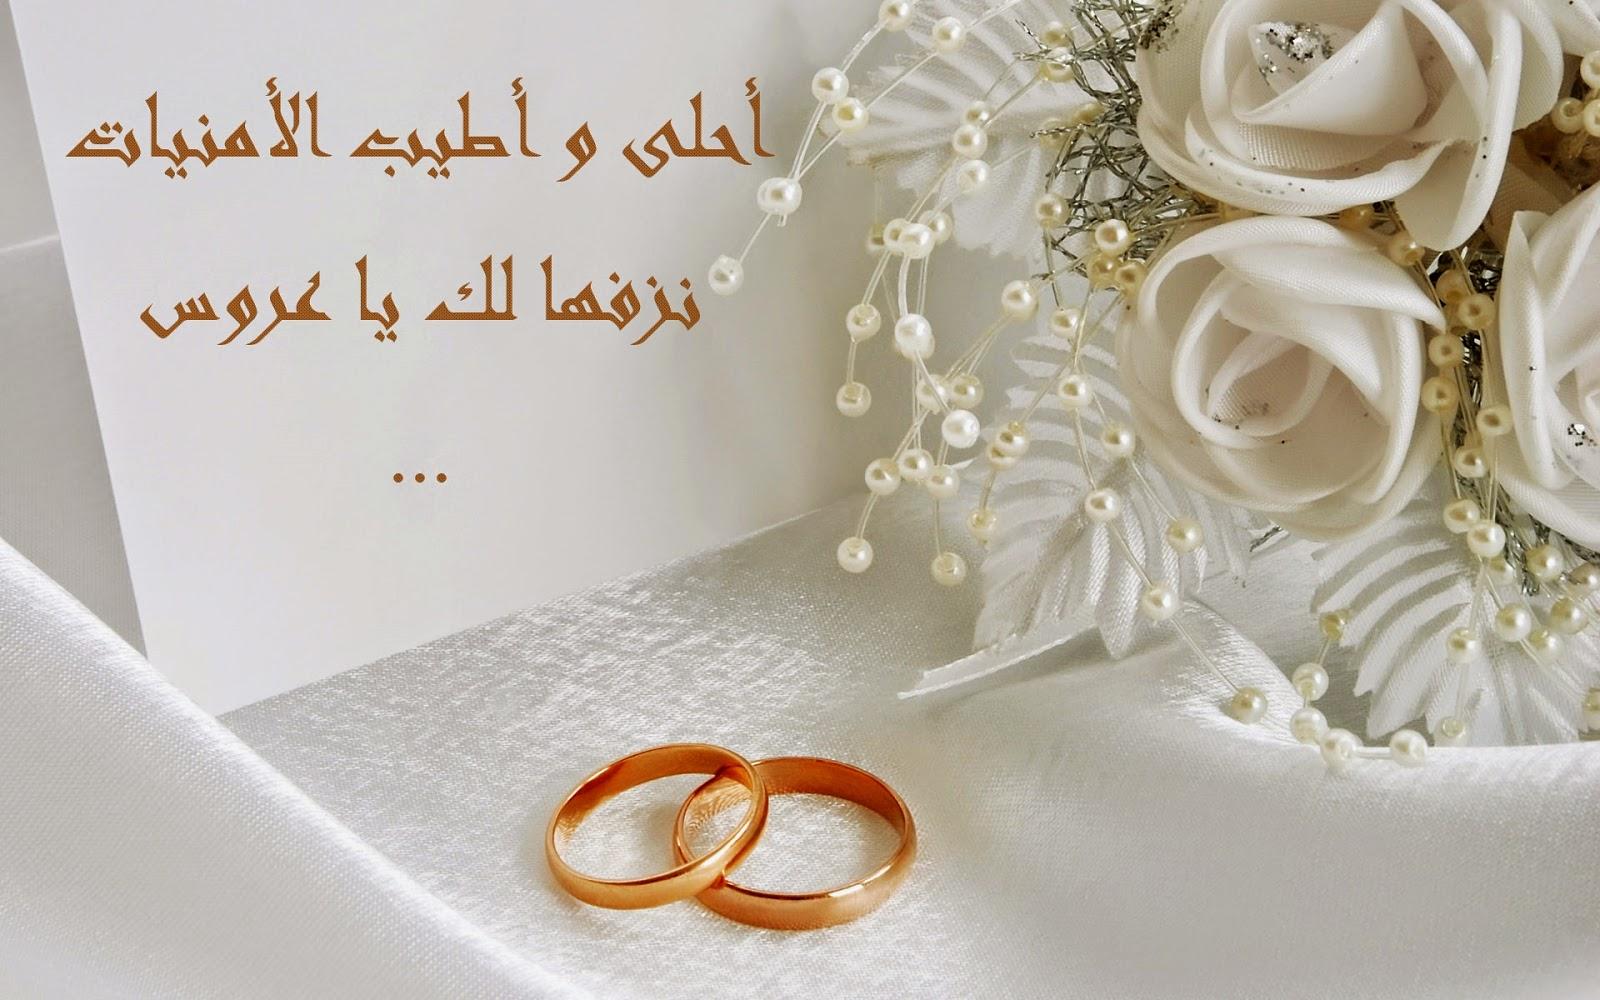 بالصور صور تهنئة زواج , اجمل واجدد صور تهنئة للزواج 5475 6